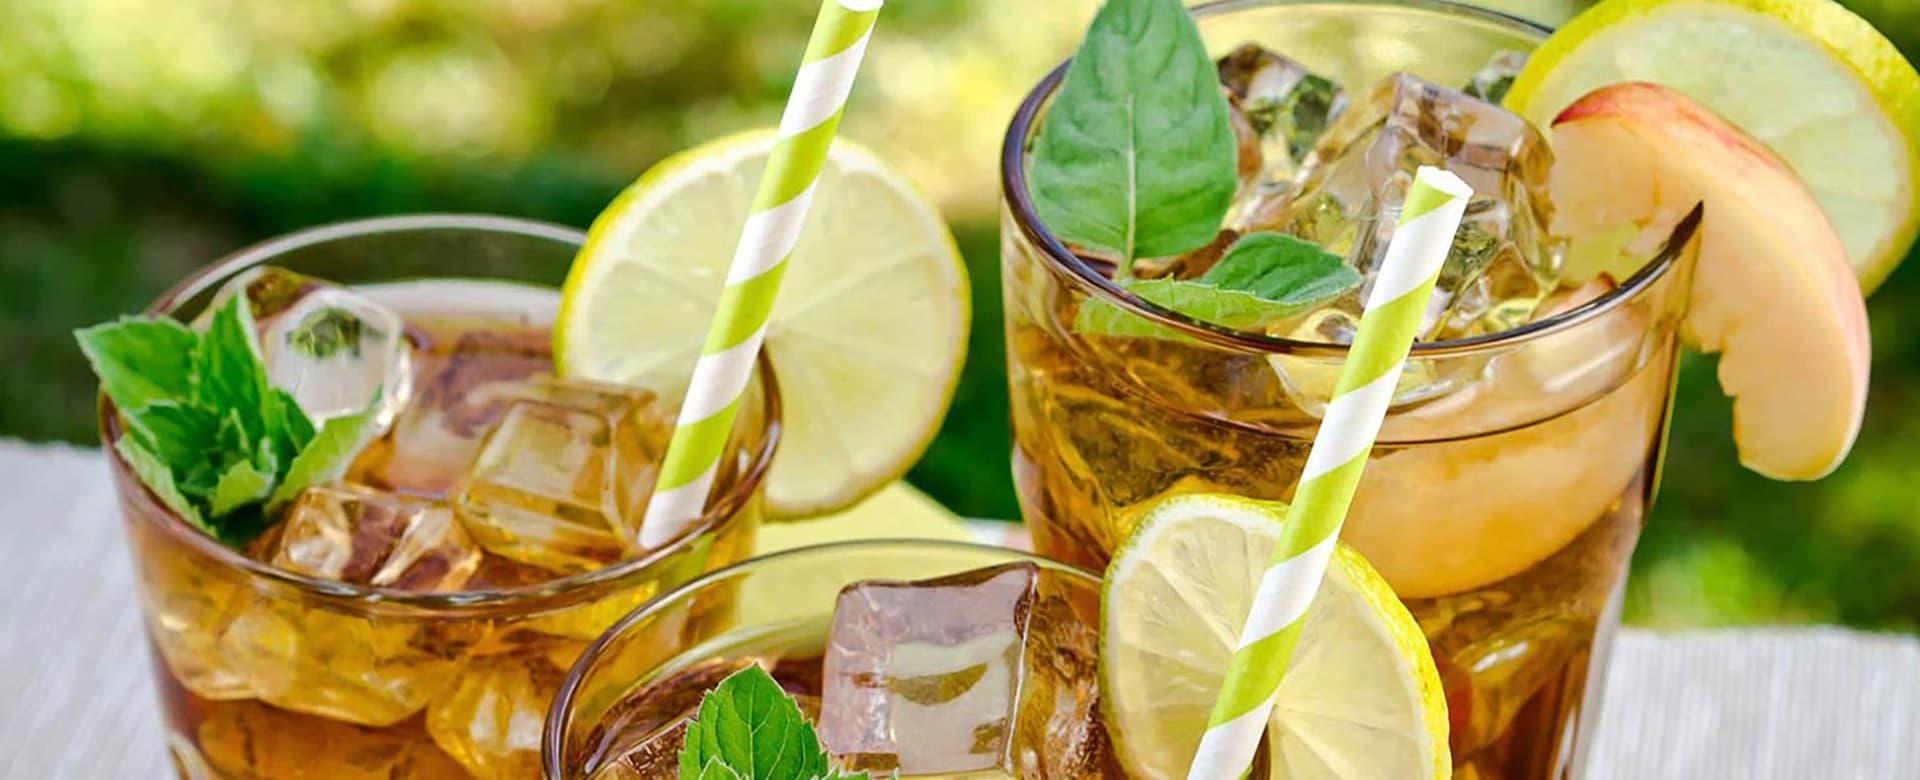 Bruker du grønn te som base, kan det være godt med både friske urter, sitron og eple.